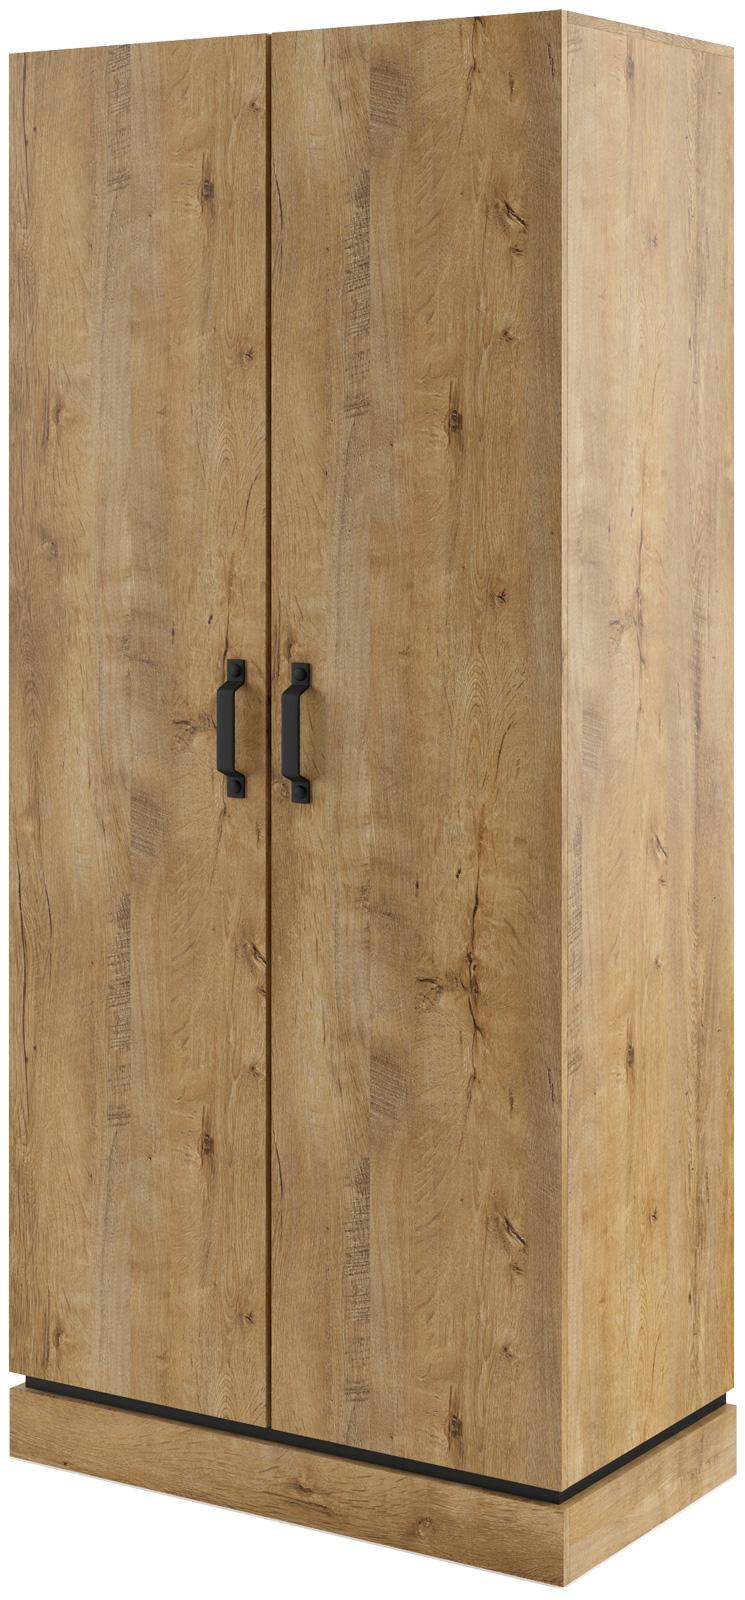 Šatní skříň dvoudvéřová Kardamon KD01